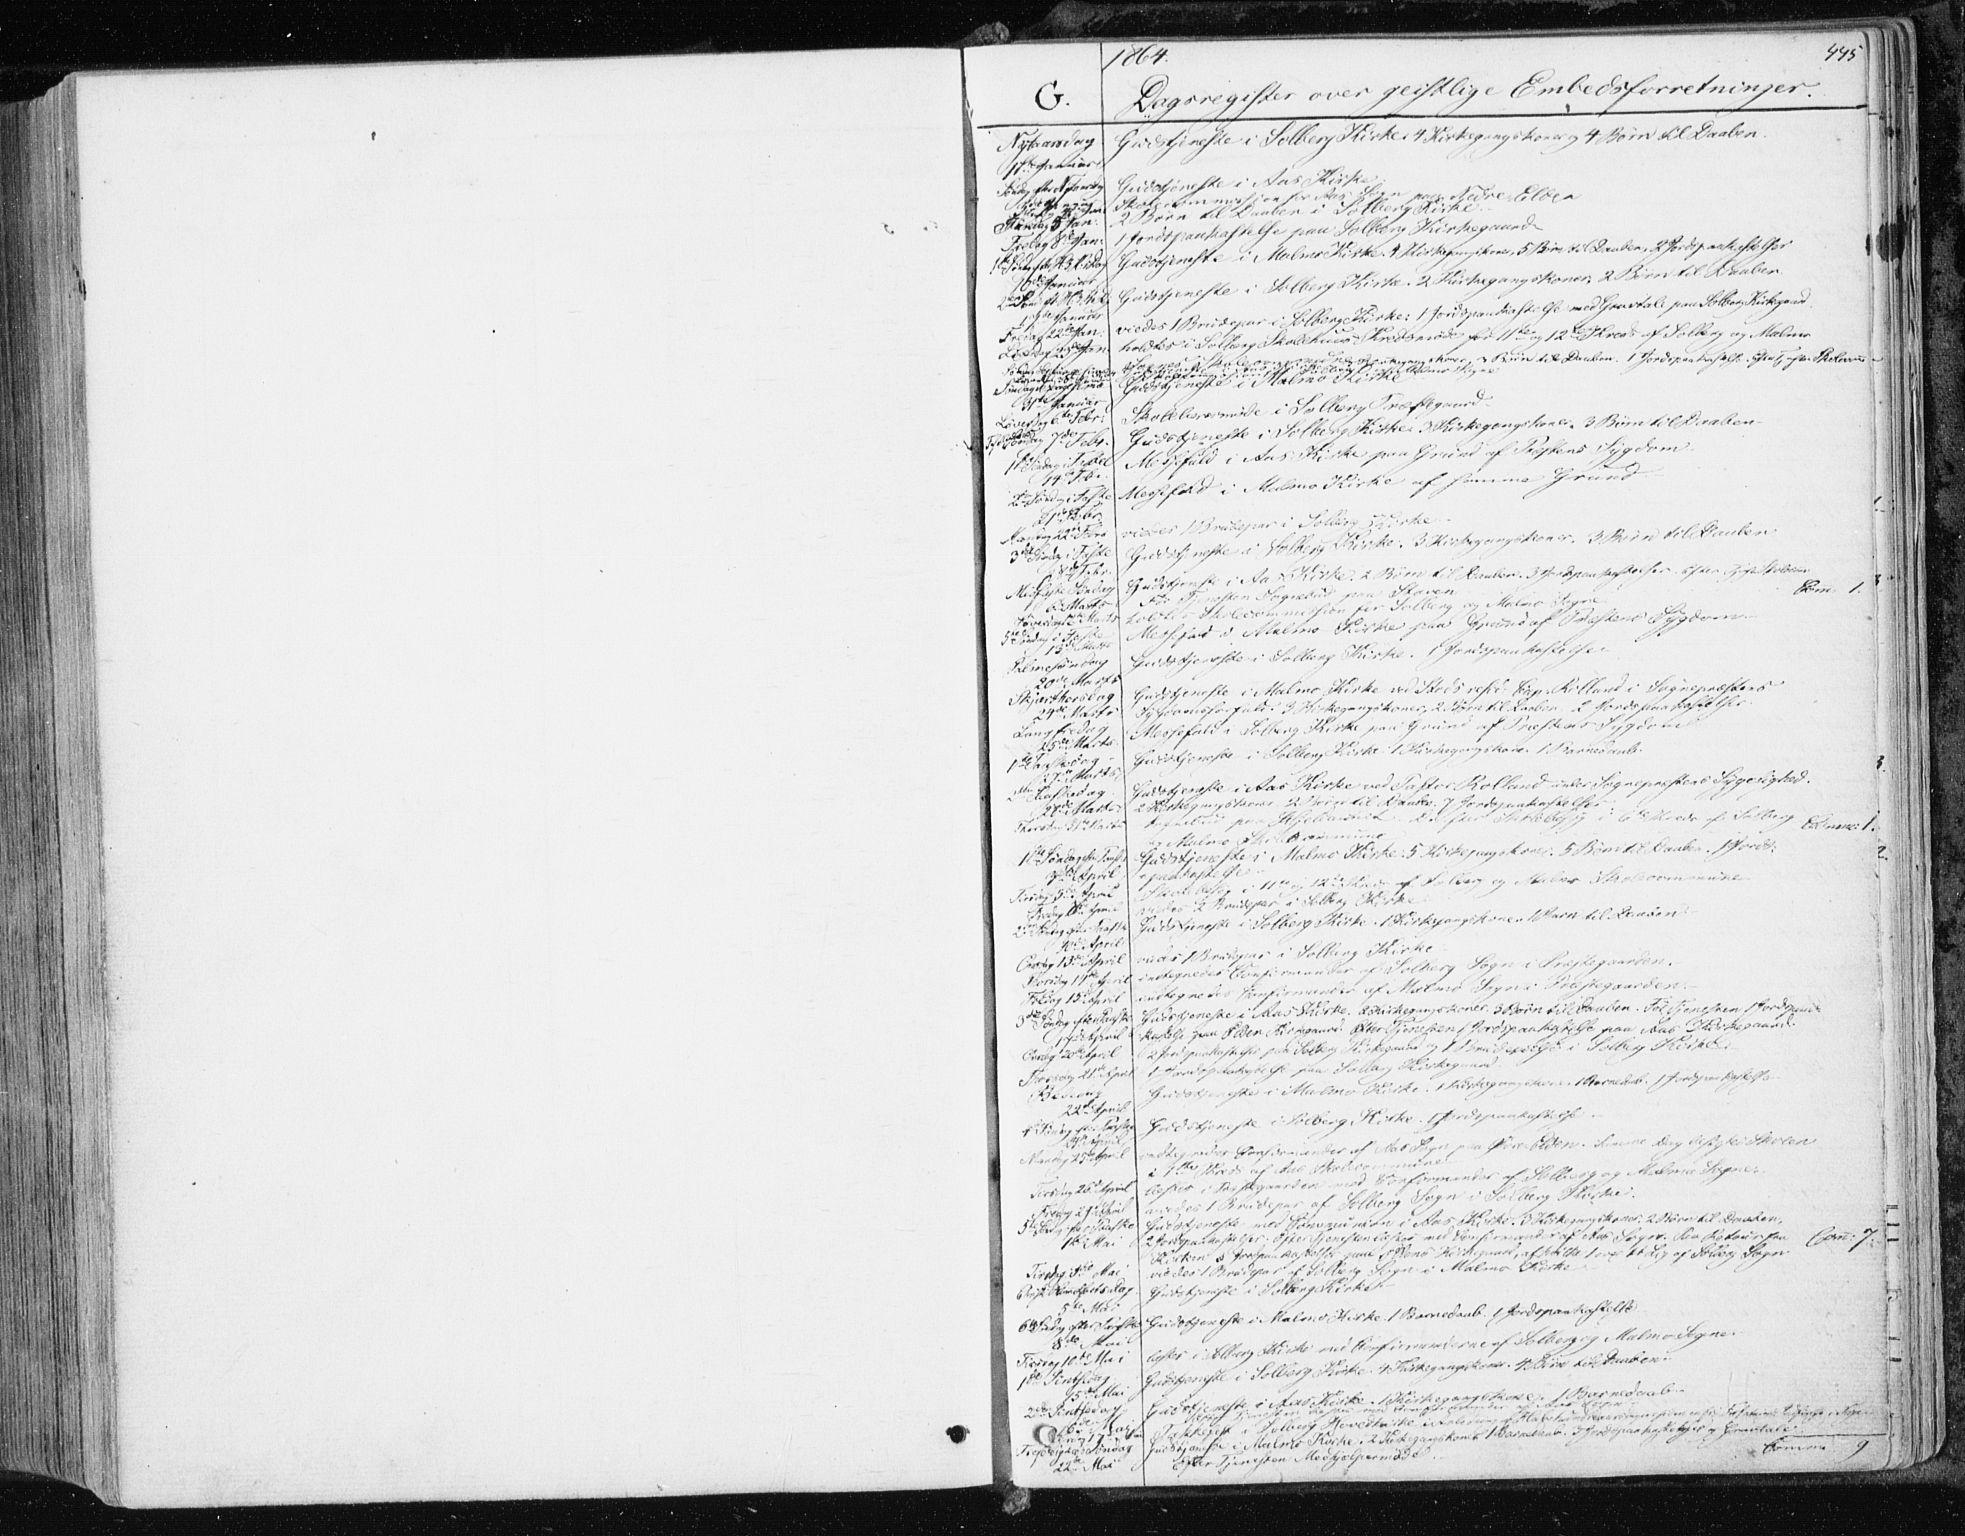 SAT, Ministerialprotokoller, klokkerbøker og fødselsregistre - Nord-Trøndelag, 741/L0394: Ministerialbok nr. 741A08, 1864-1877, s. 445